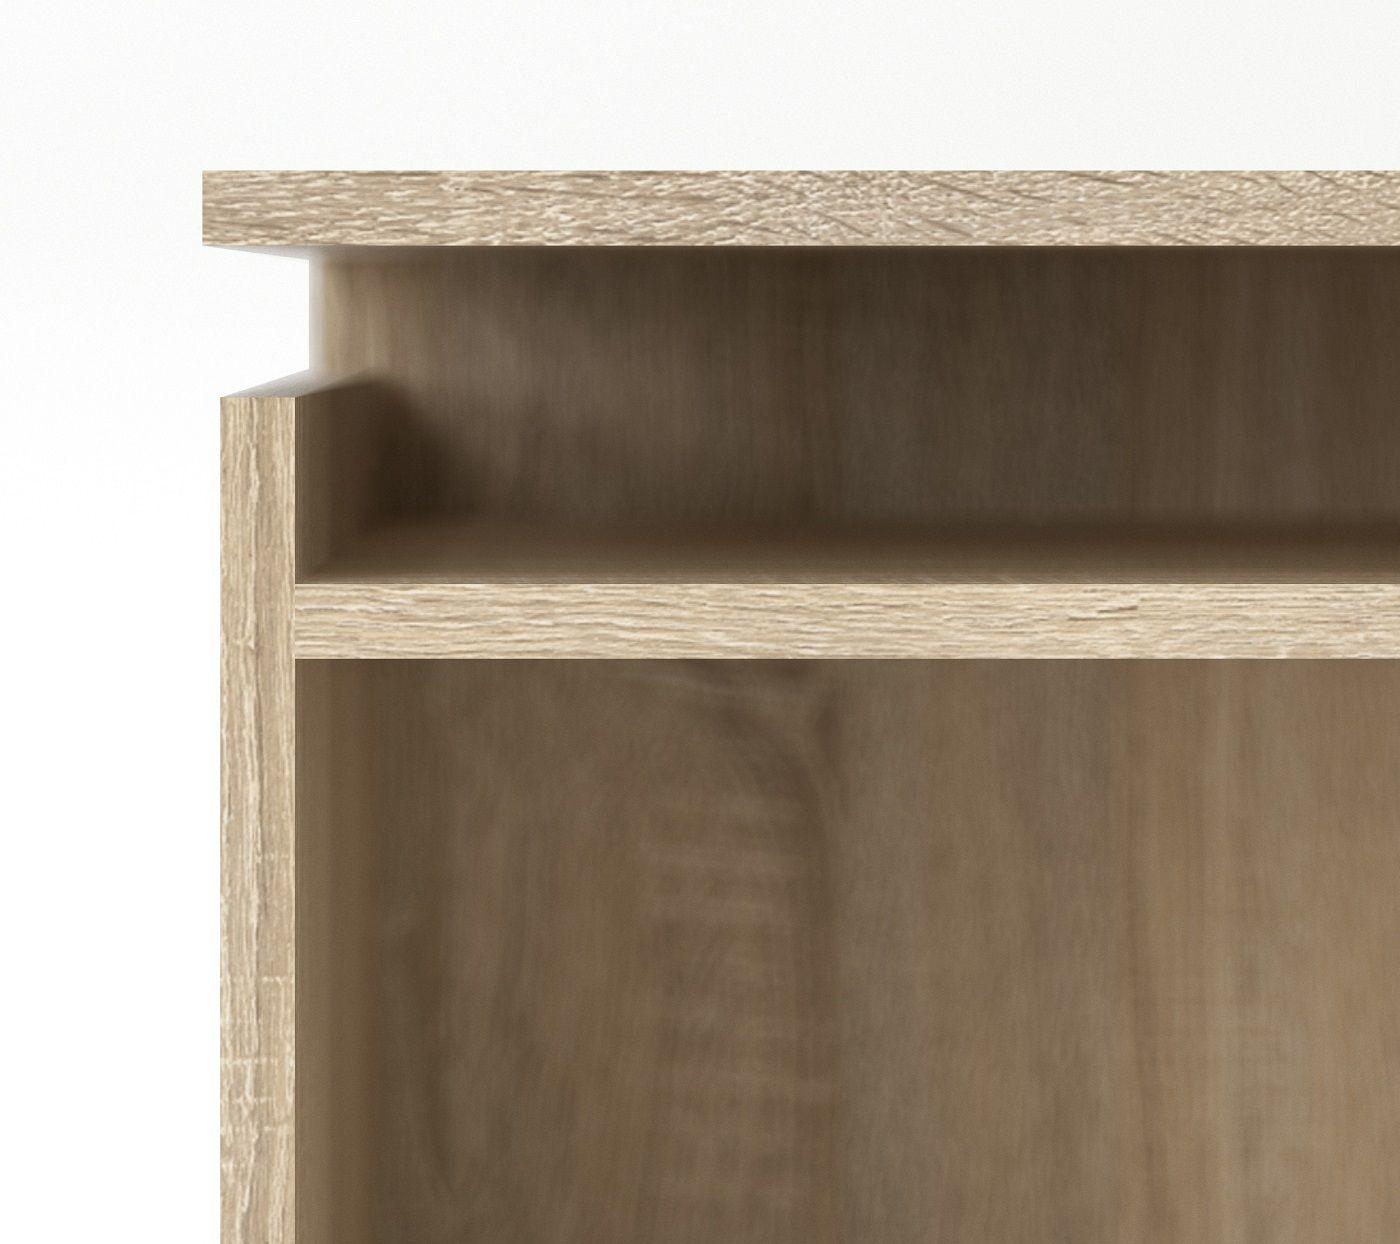 sengegavl med opbevaring Naia Sengegavl   Lys træ m/opbevaring   Gratis fragt sengegavl med opbevaring